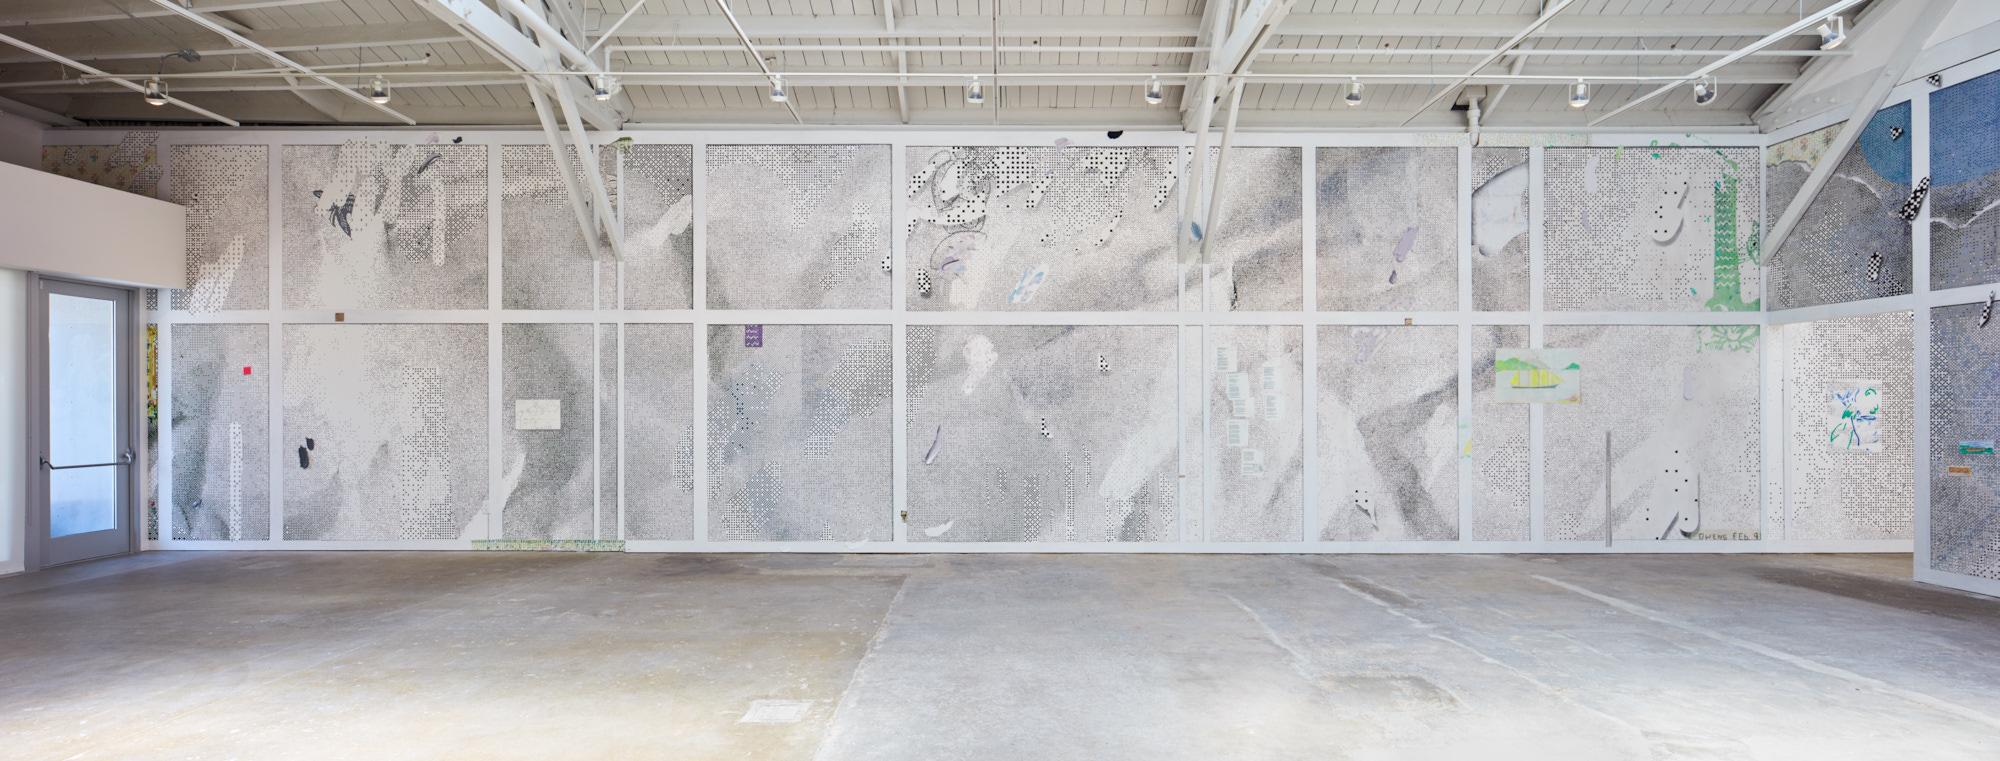 Ten Paintings, Laura Owens